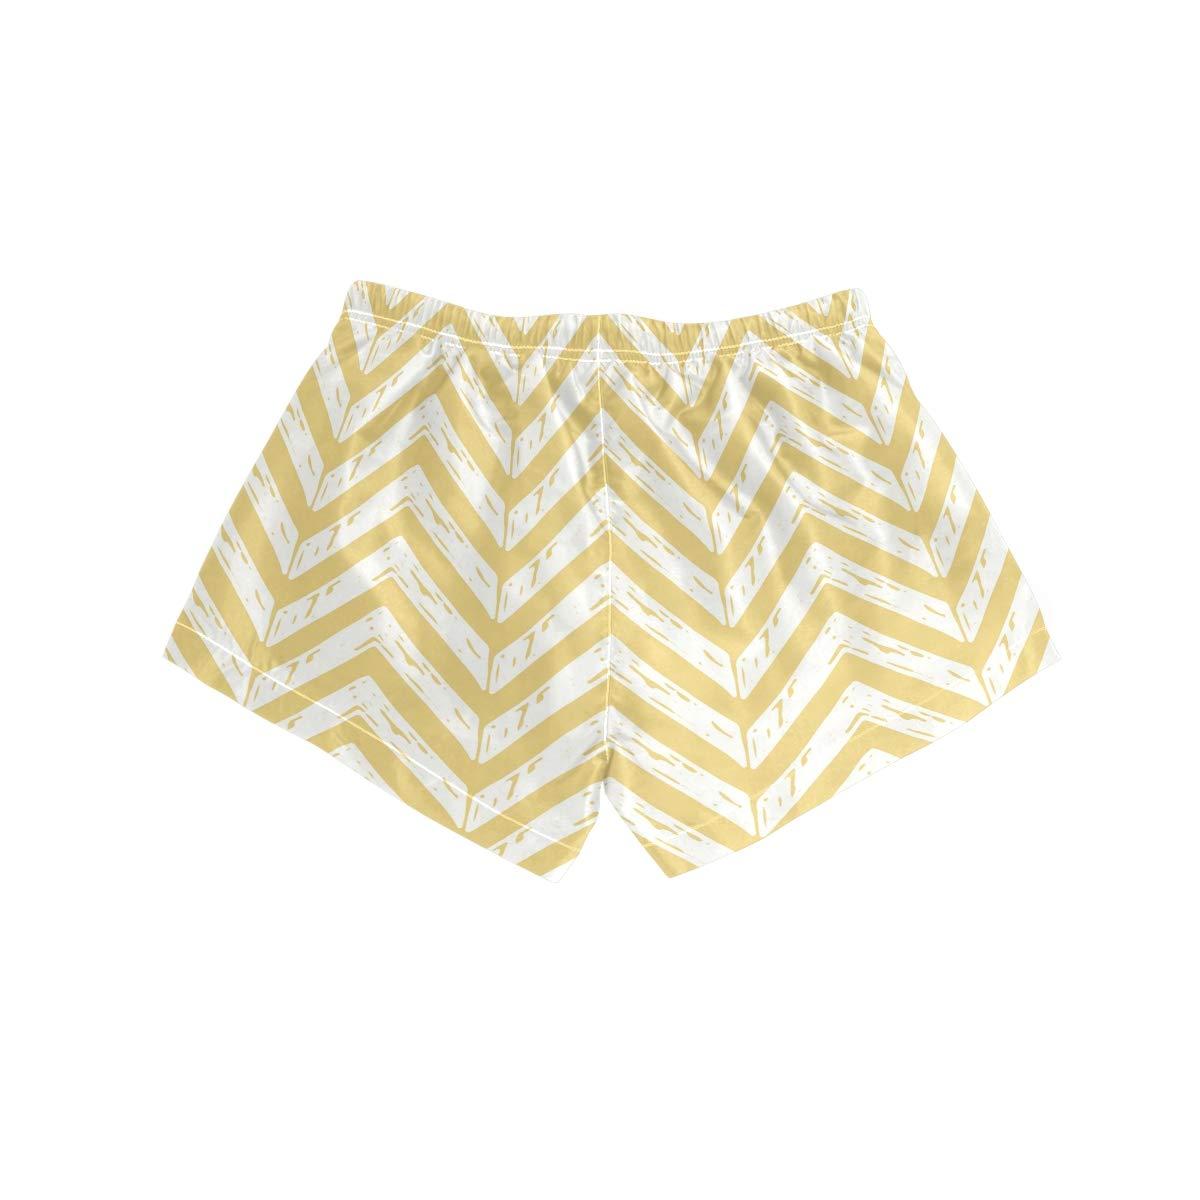 MALPLENA Womens Board Shorts Yellow Wavy Quick Dry Beach Boardshorts